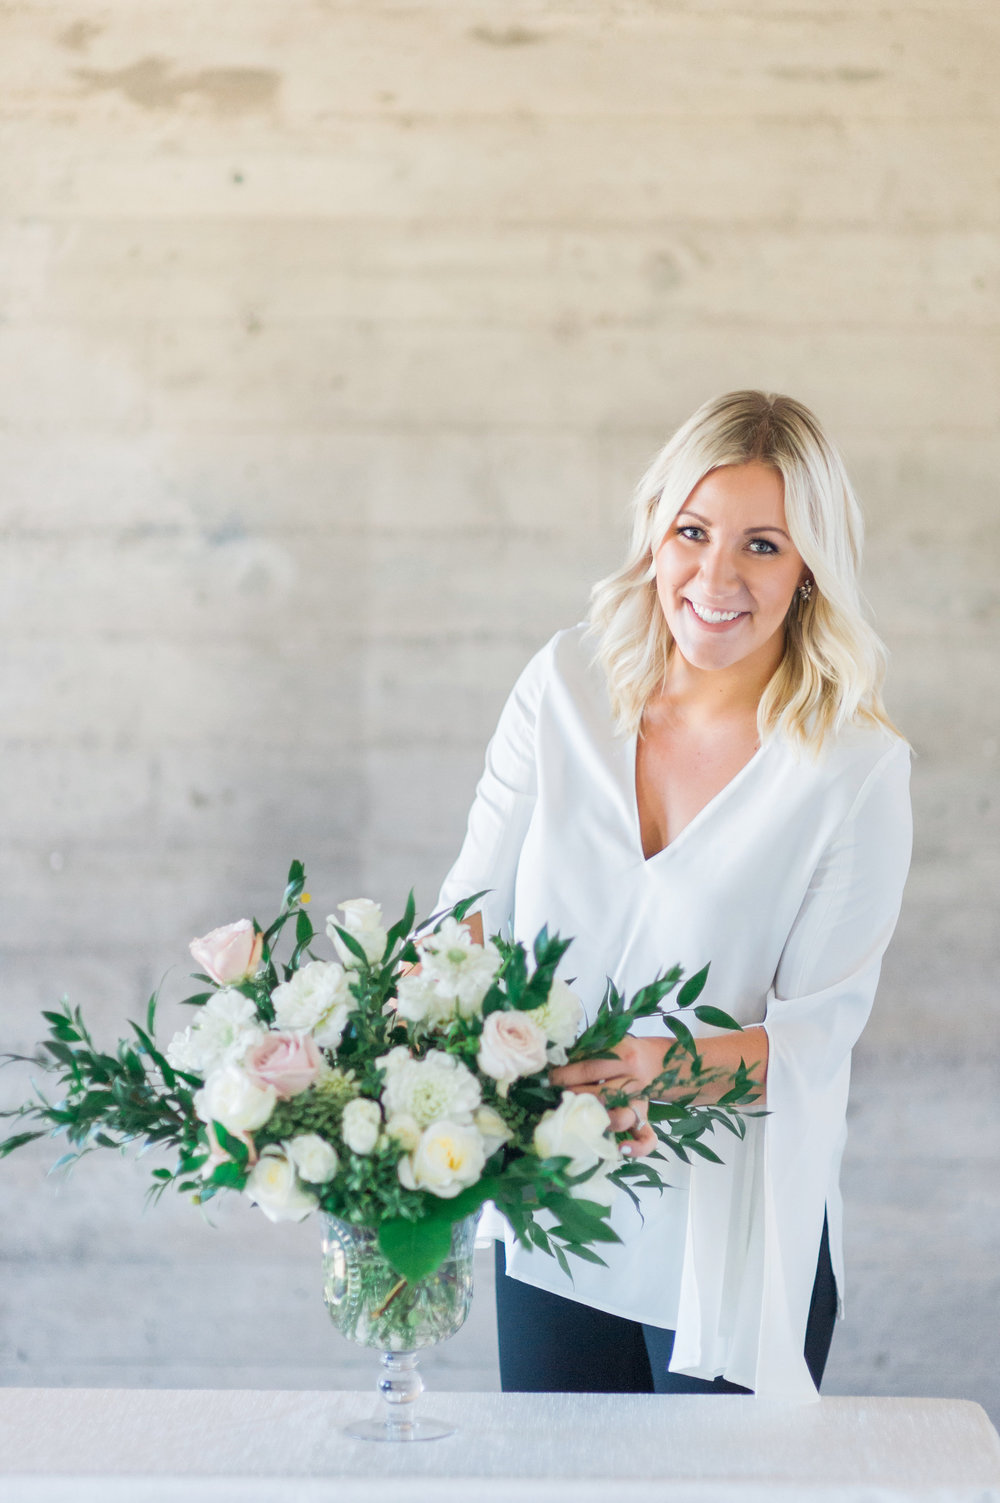 Floral & Design House Windsor Florist